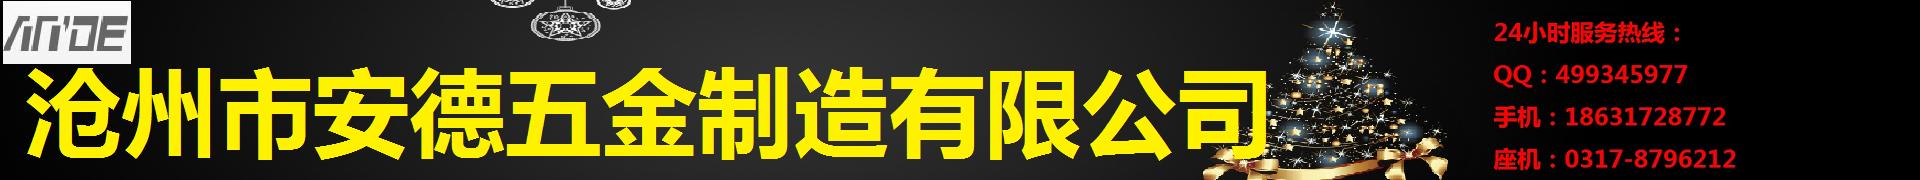 沧州市安德五金制造有限公司